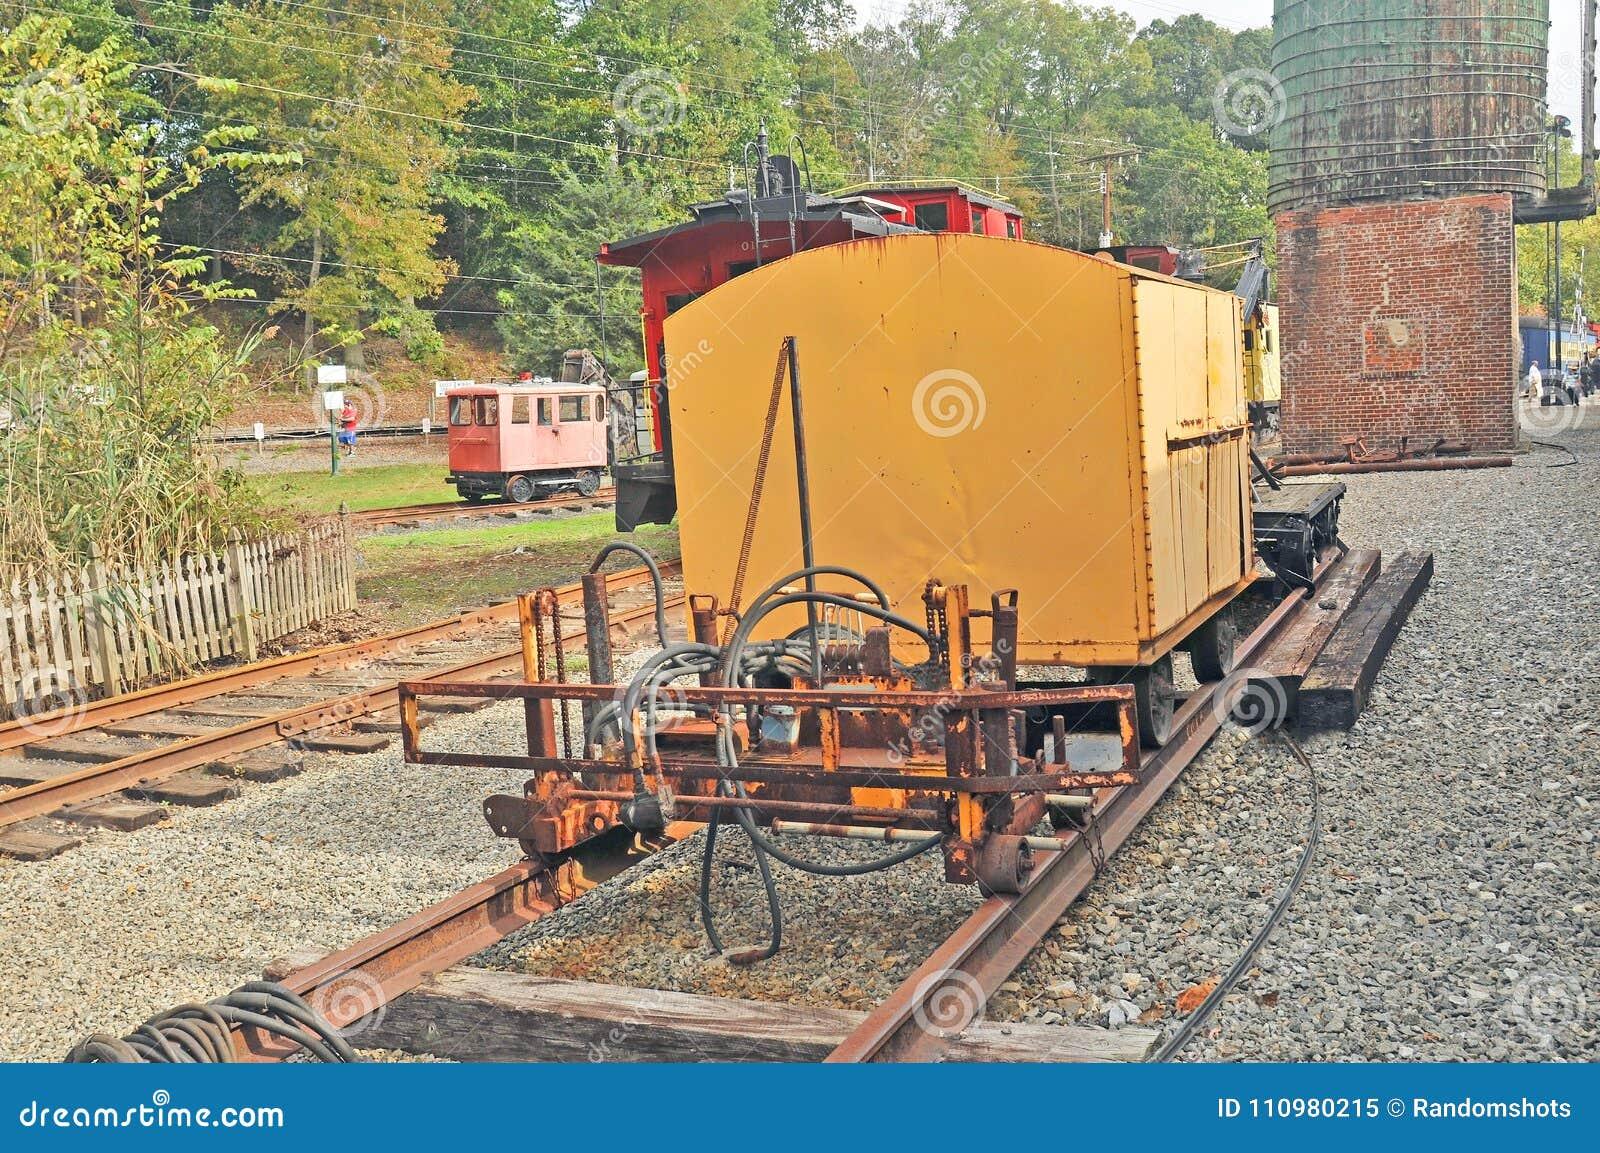 Railroad Tie And Rail Repair Car Editorial Image - Image of